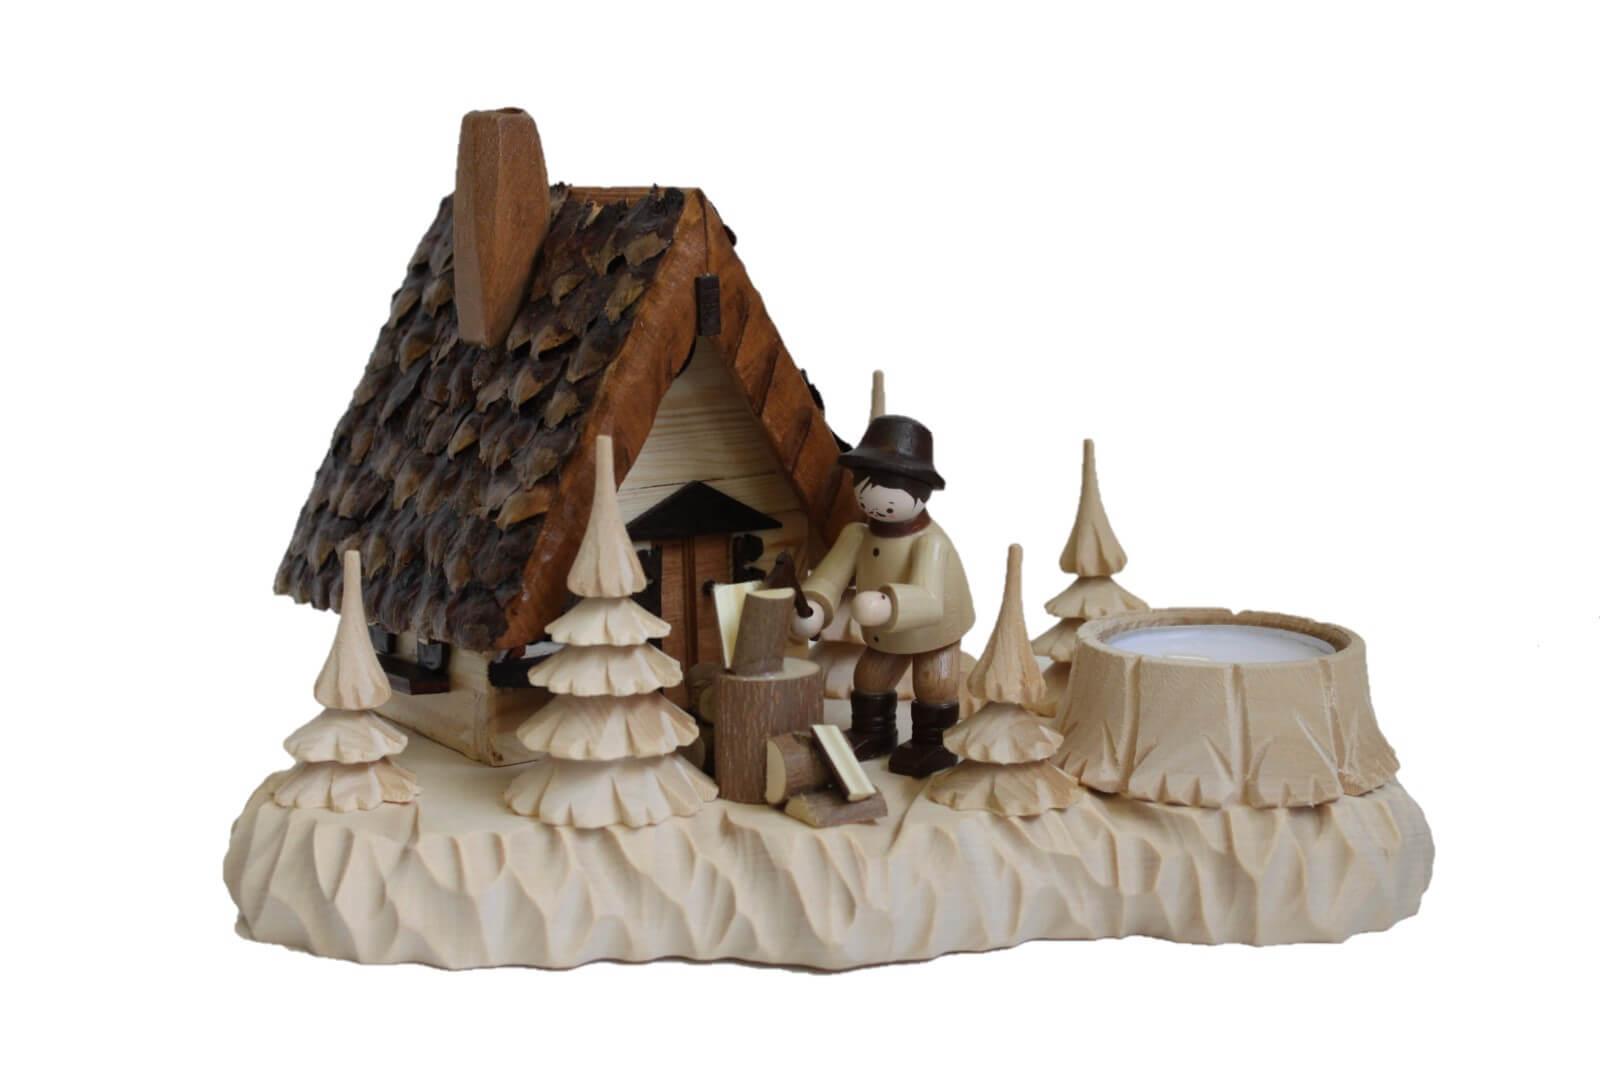 Das Räucherhaus Wildhüterhütte mit Teelicht und der Romy Thiel Figur Holzhacker, von Holzdrechslerei A. Lahl Deutschneudorf/ Erzgebirge, ist ein begehrtes …